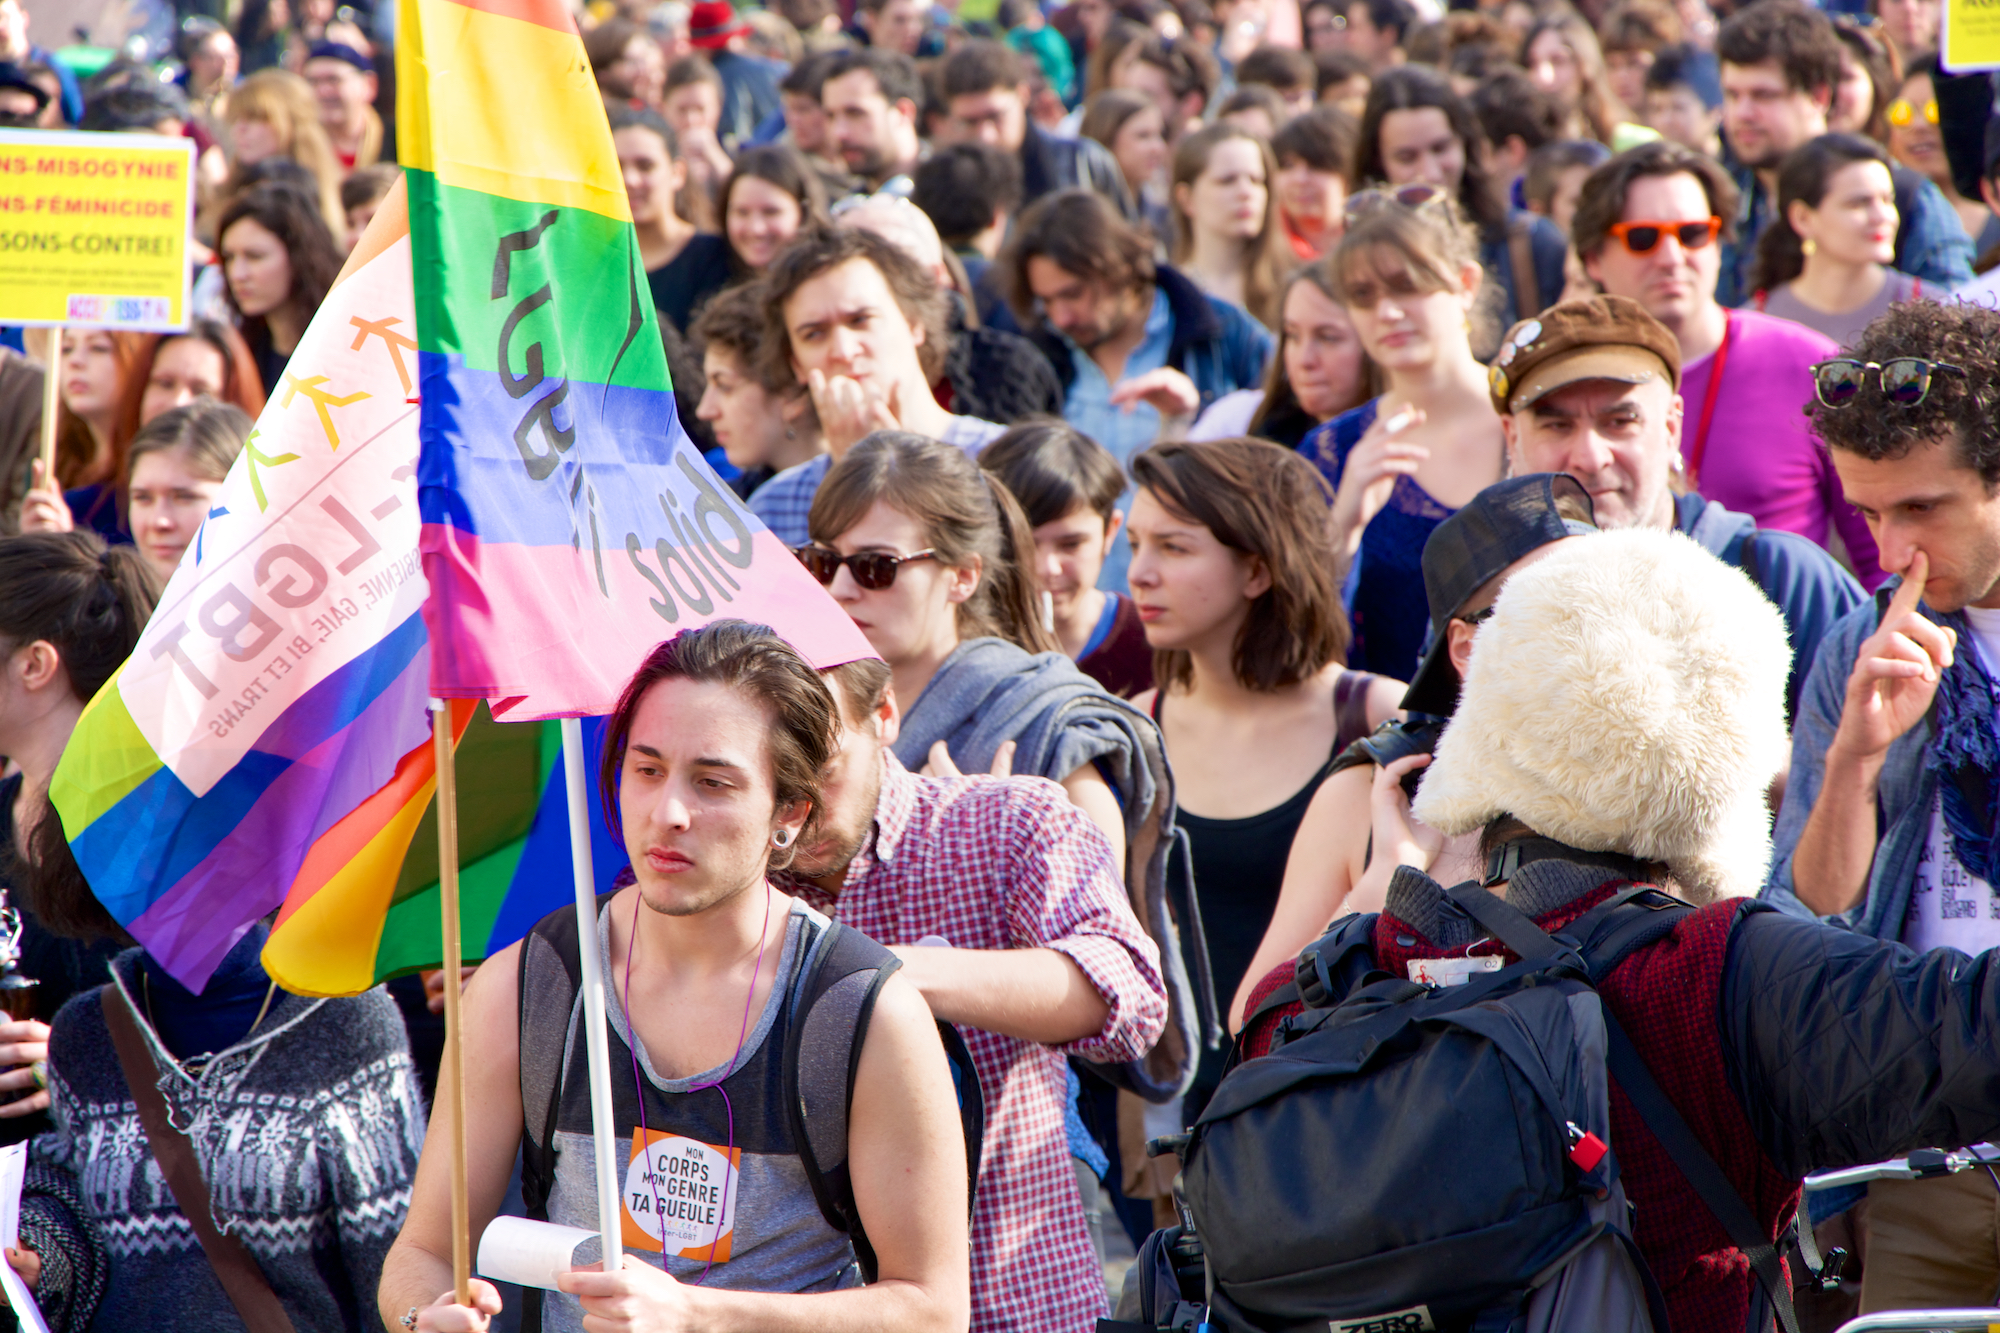 Manifestation Journée internationale de luttes pour les droits des femmes